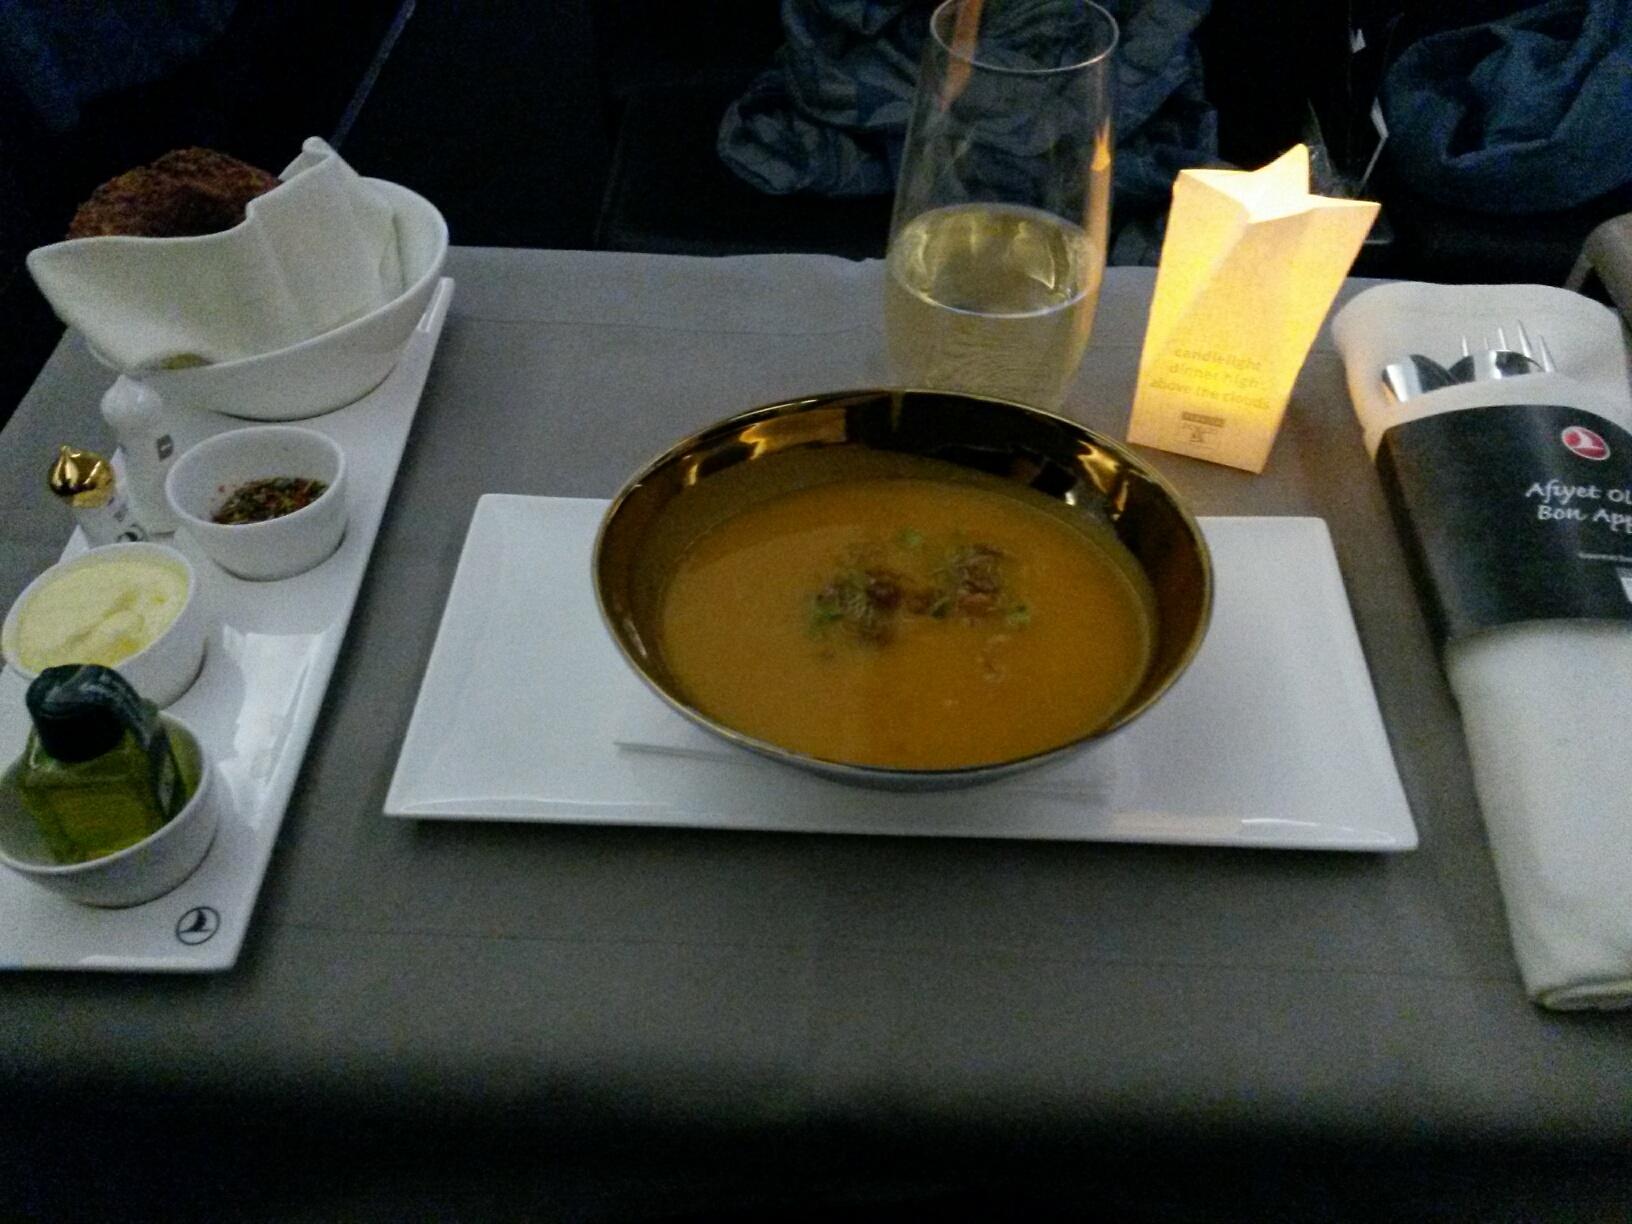 The pumpkin soup made an excellent starter...